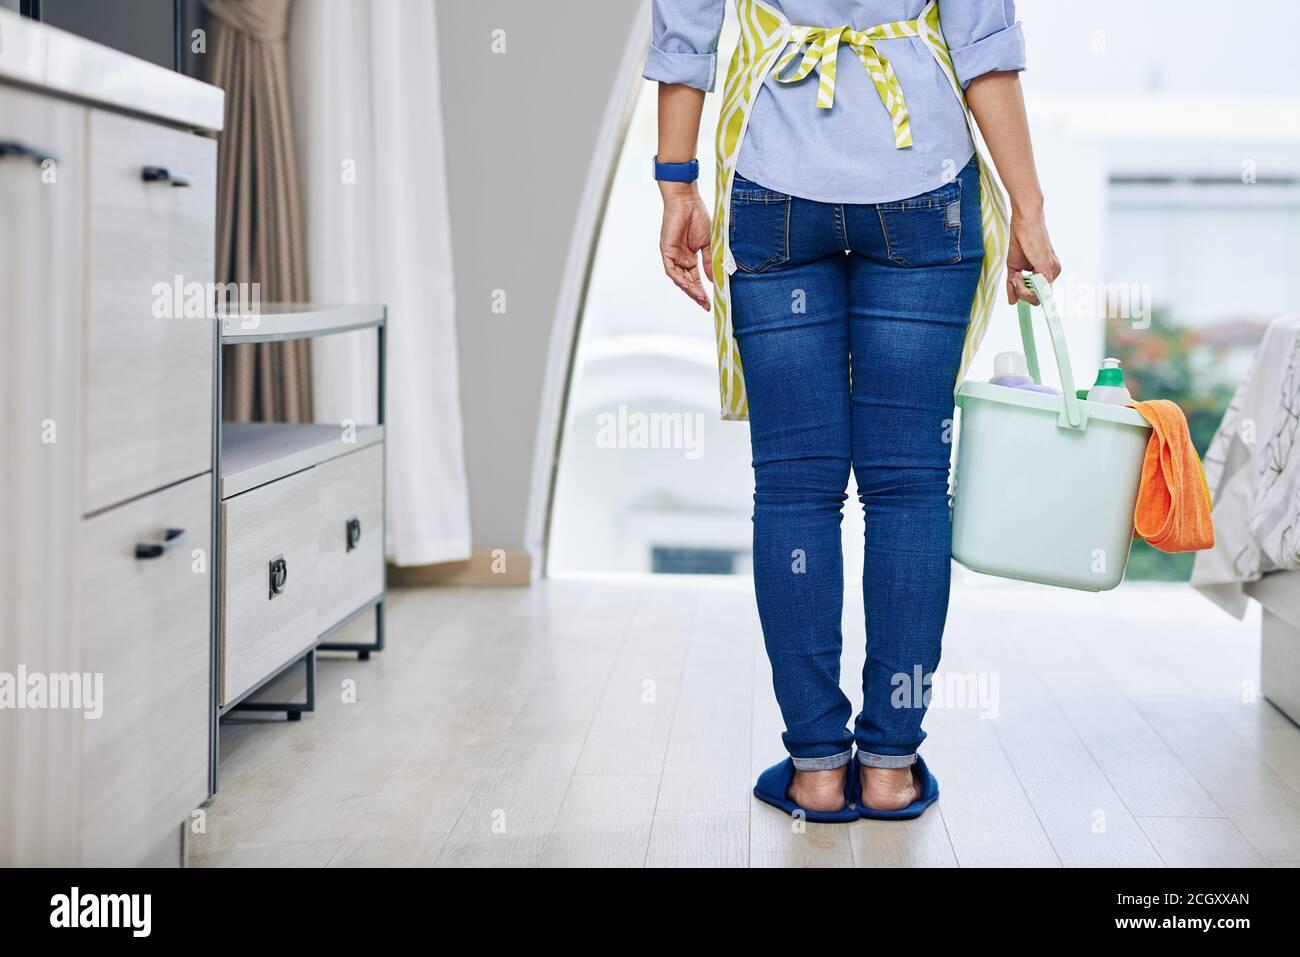 Hausfrau mit Eimer Waschmittel Stockfoto